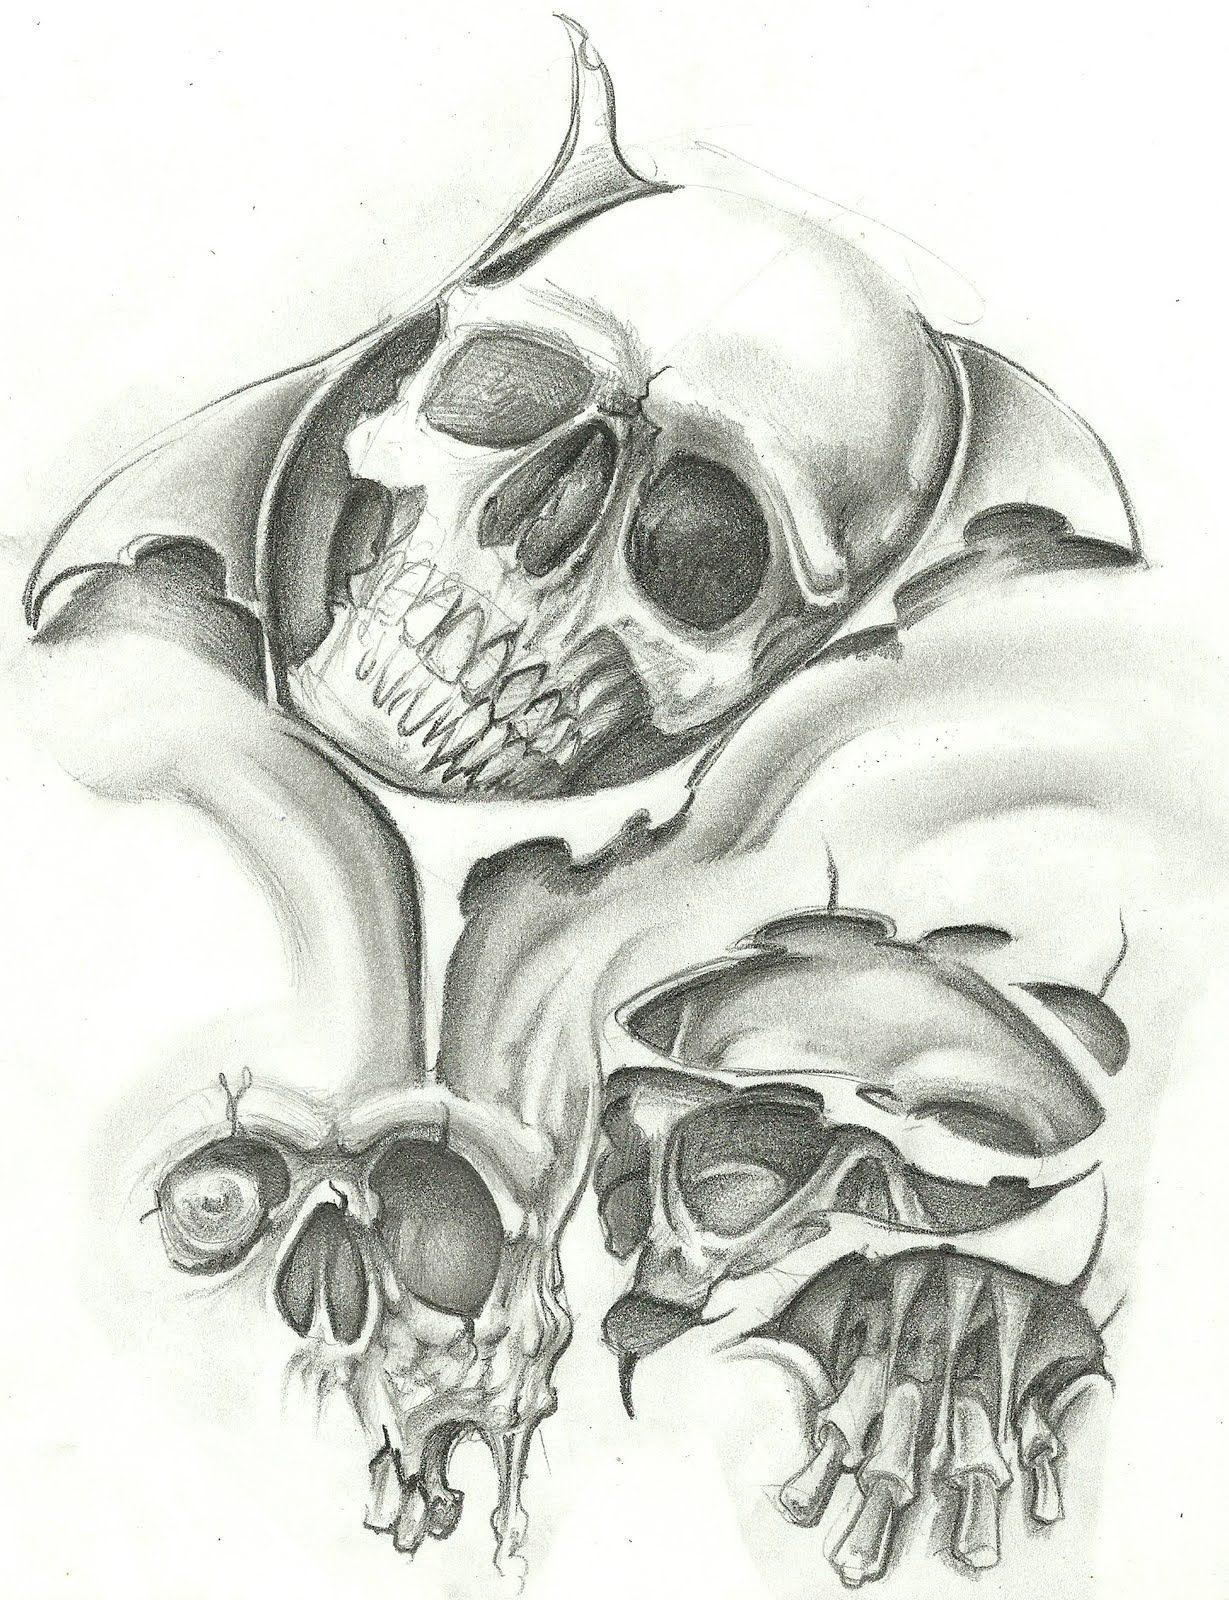 Evil Tattoo Flash Art Tattoo Design Gallery Free Ideas Ide Tato Tato Ide